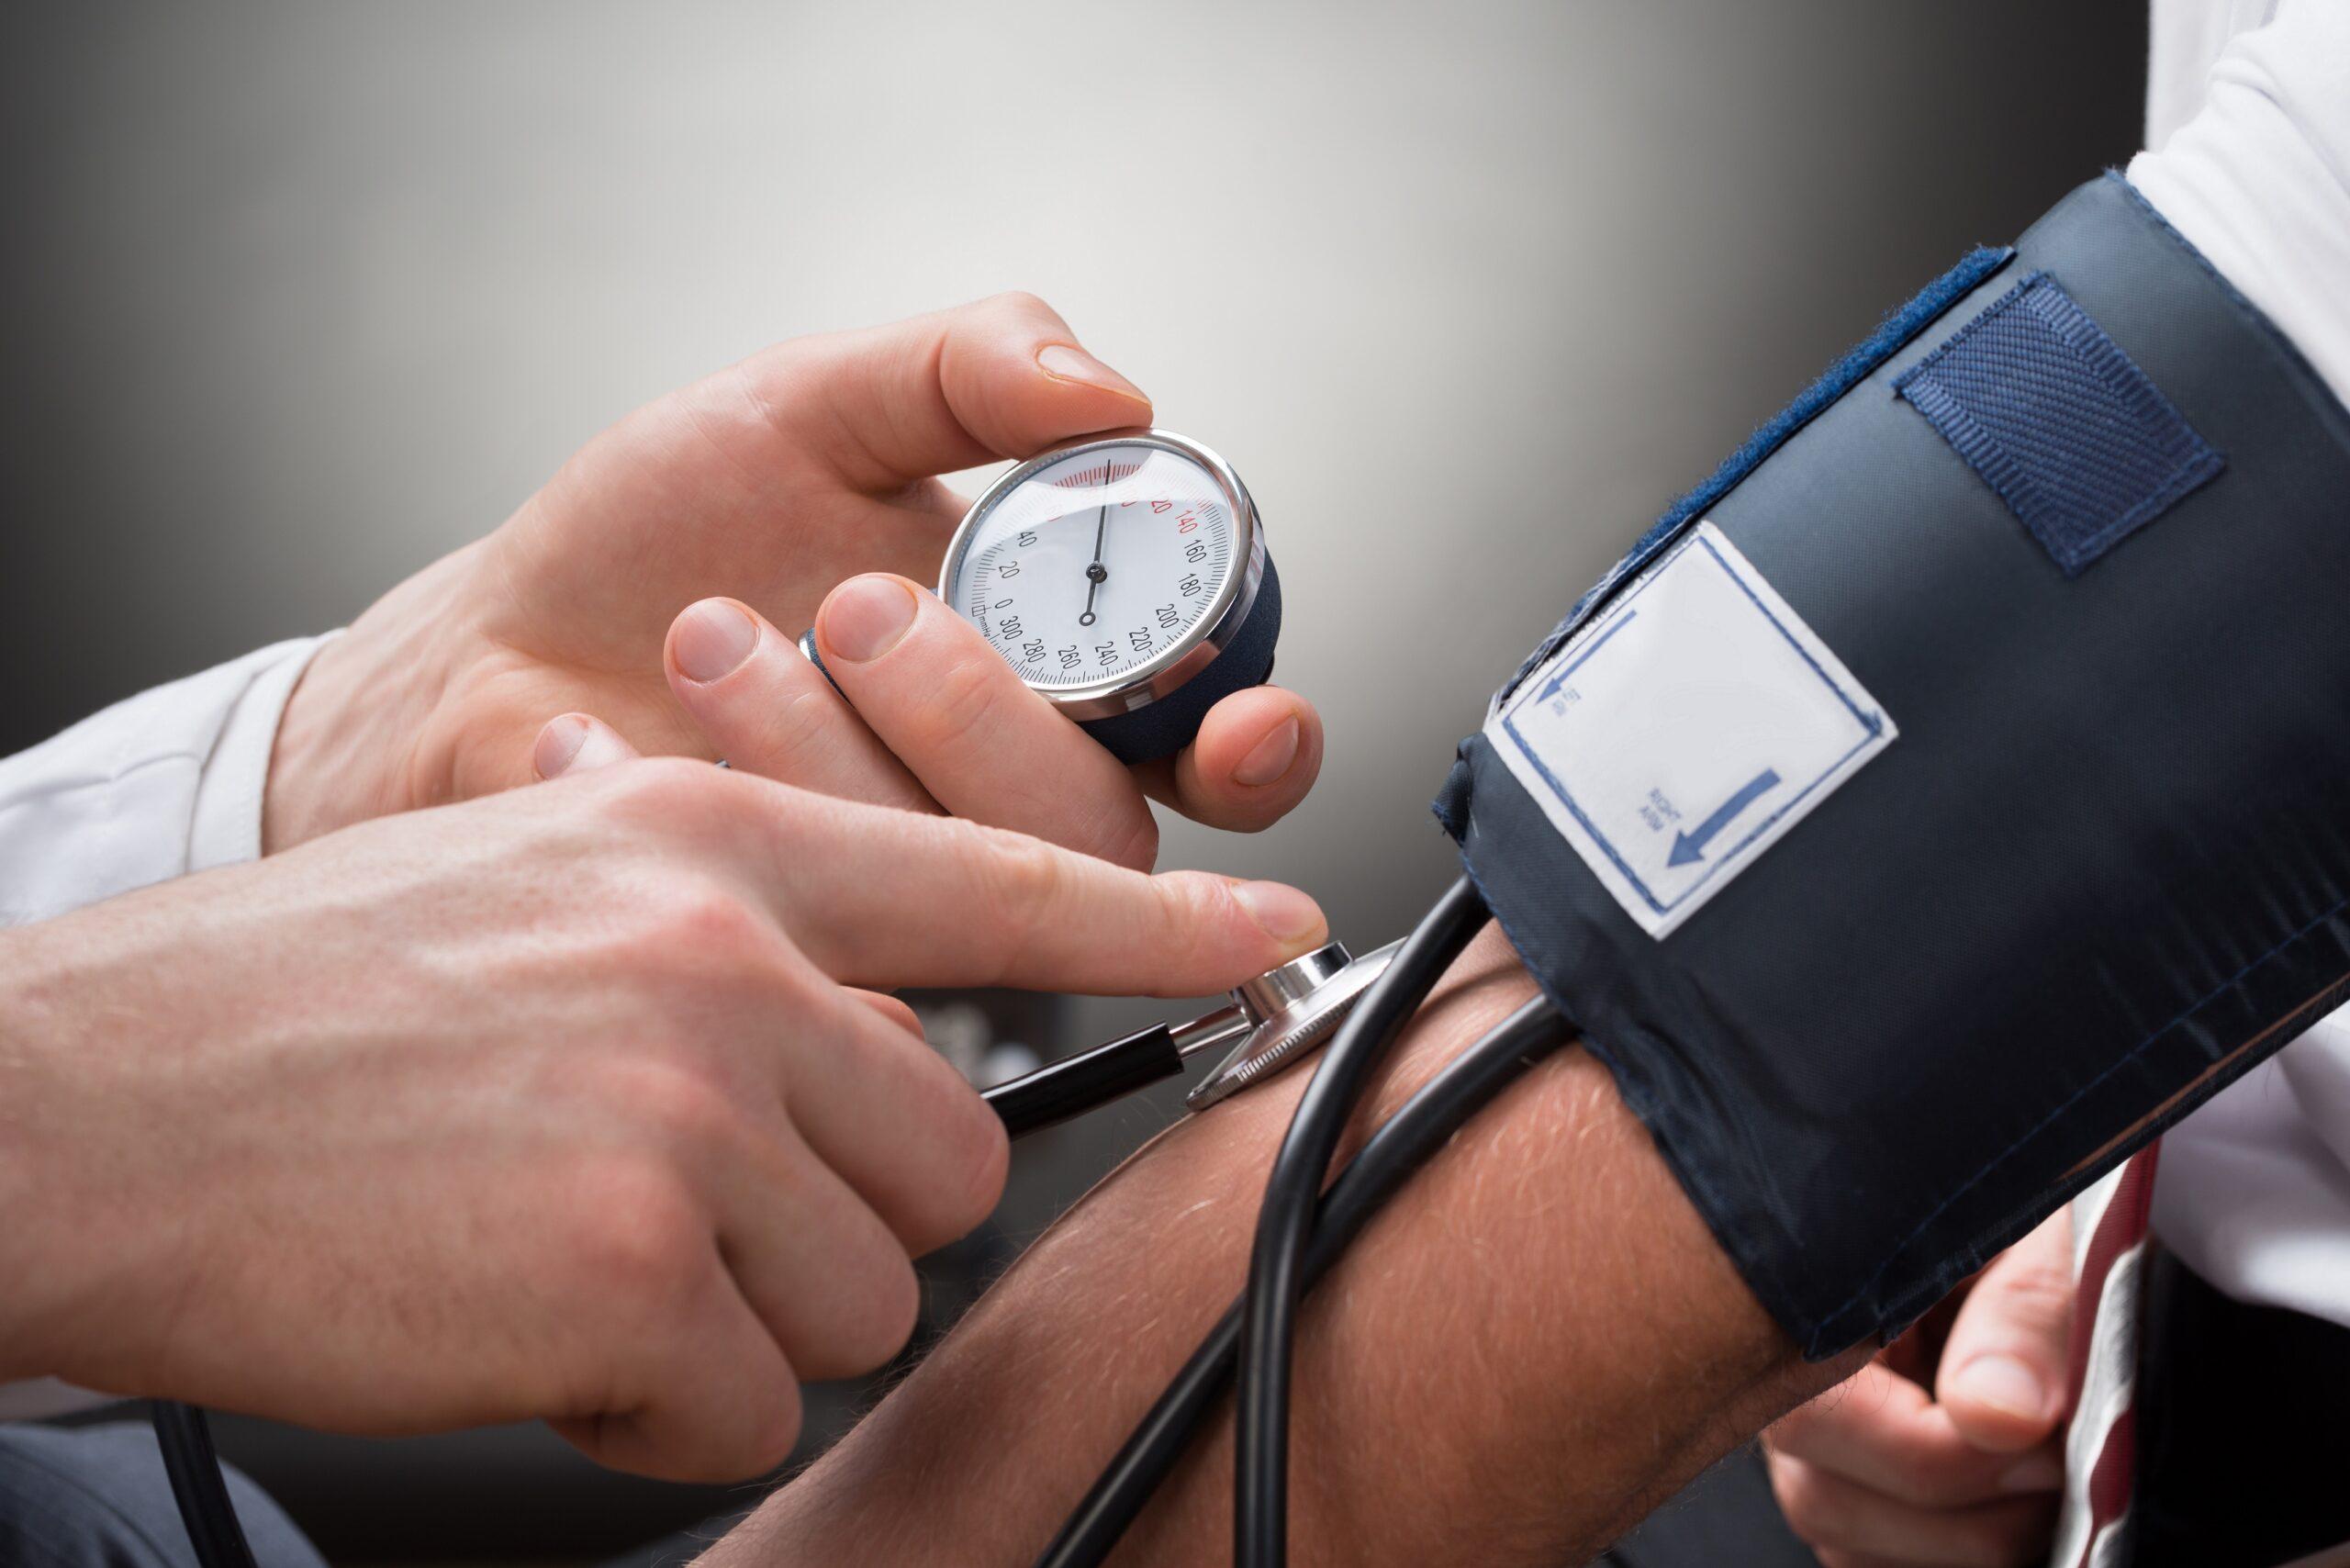 Bluthochdruck: Was hilft, wenn Medikamente nicht mehr ausreichen? - Heilpraxisnet.de